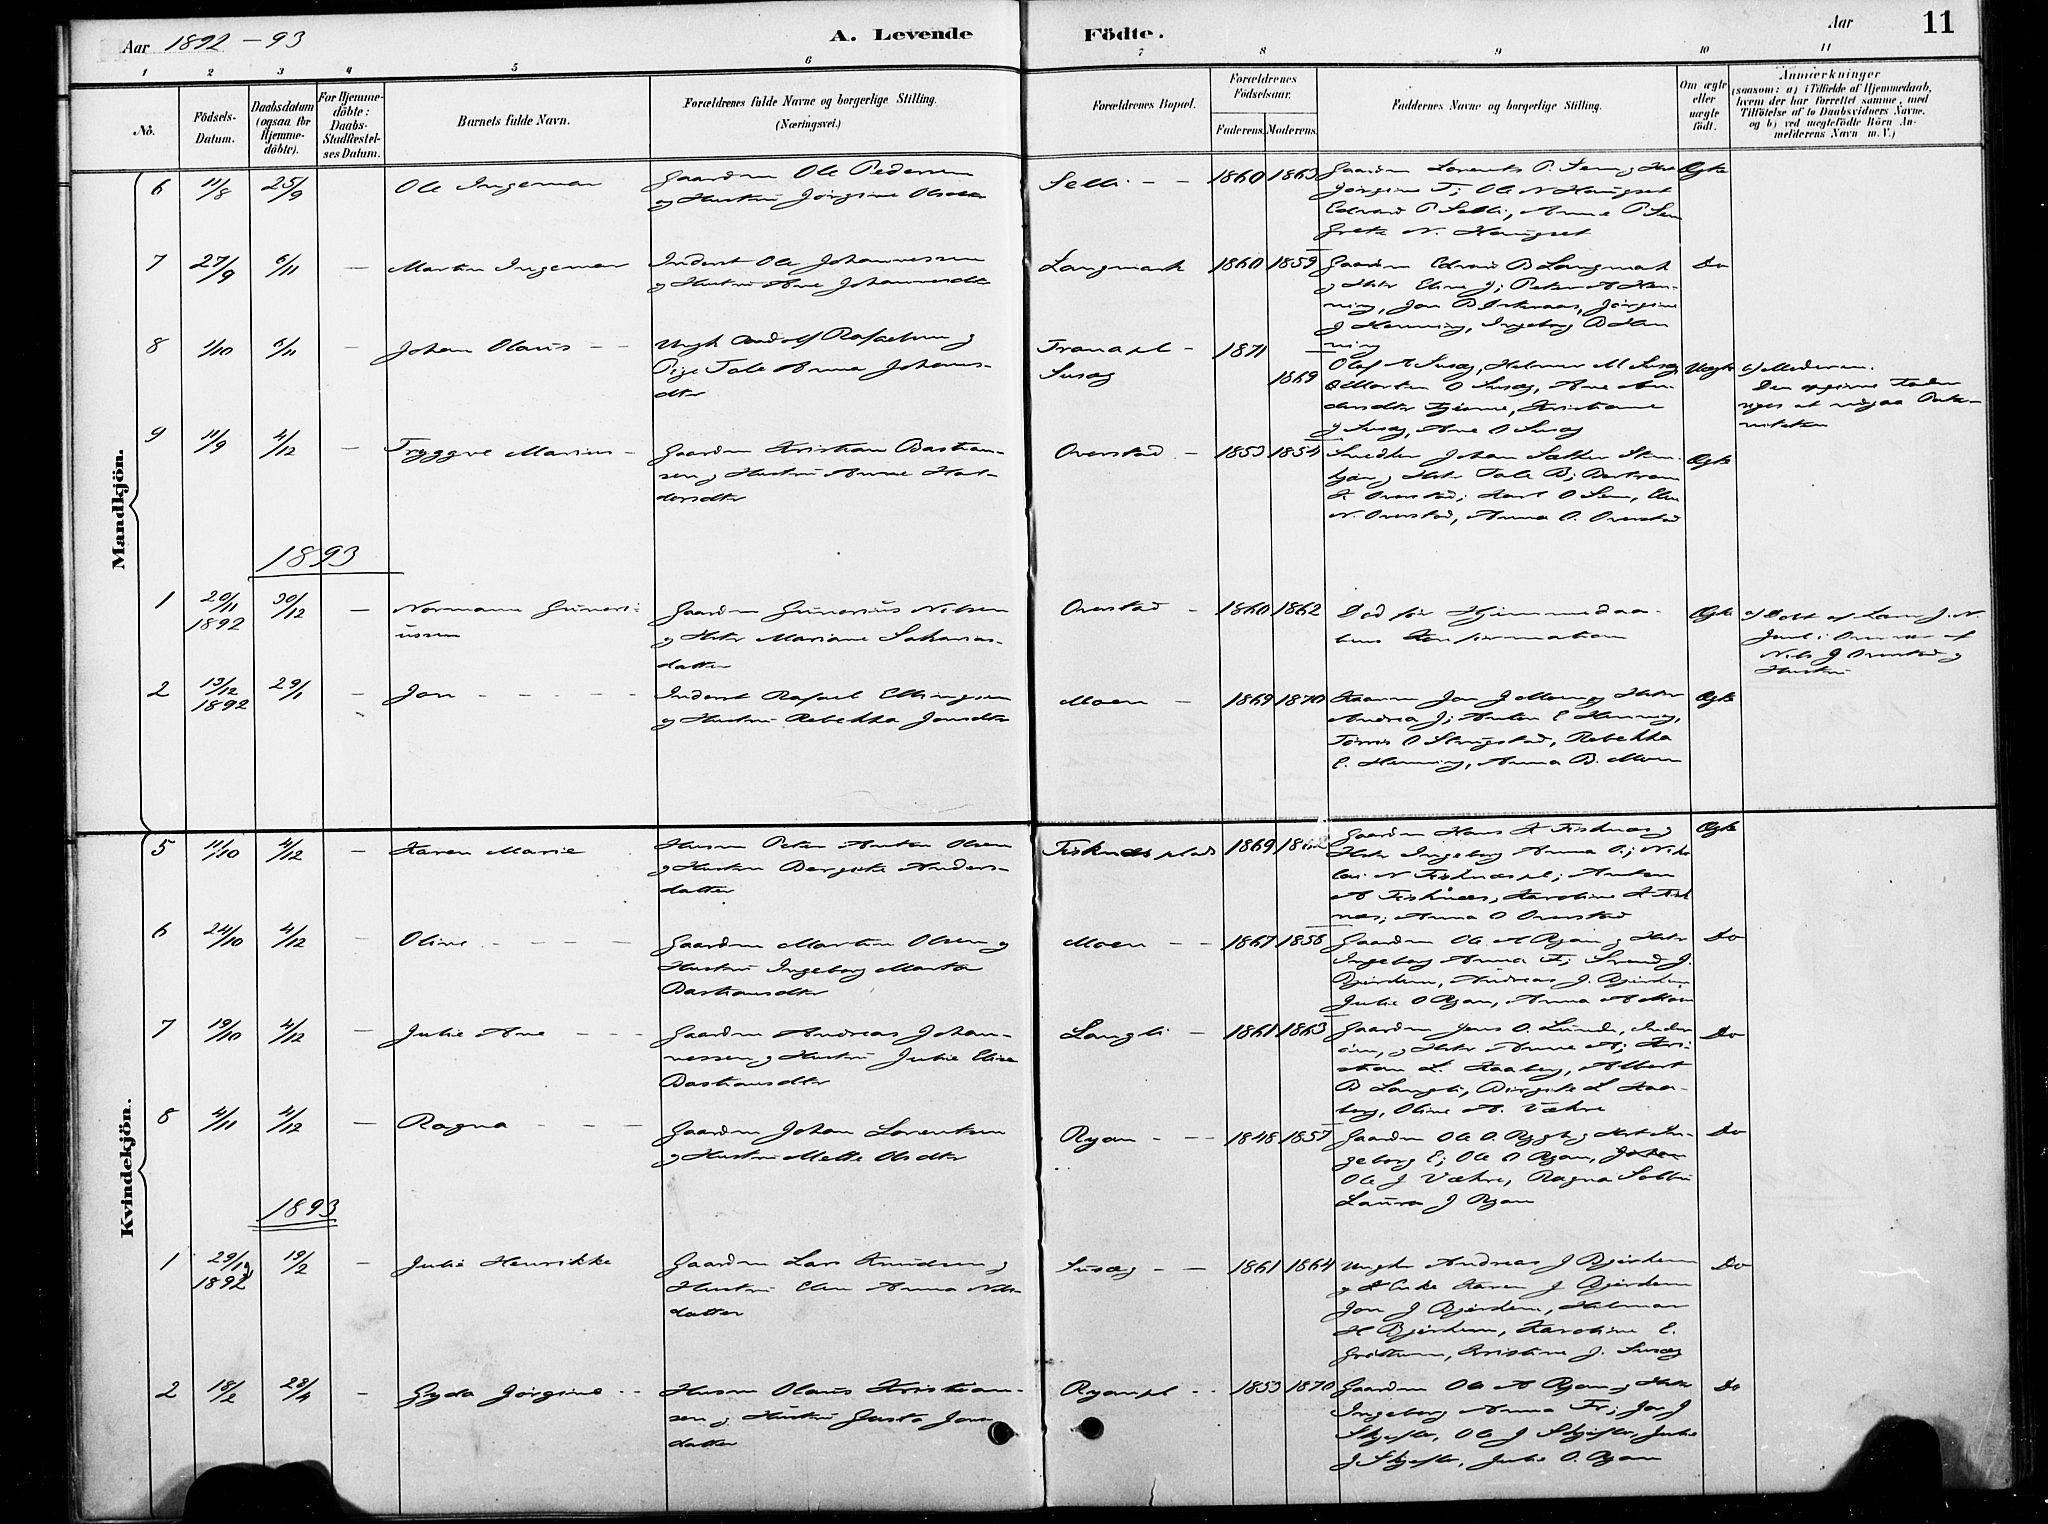 SAT, Ministerialprotokoller, klokkerbøker og fødselsregistre - Nord-Trøndelag, 738/L0364: Ministerialbok nr. 738A01, 1884-1902, s. 11